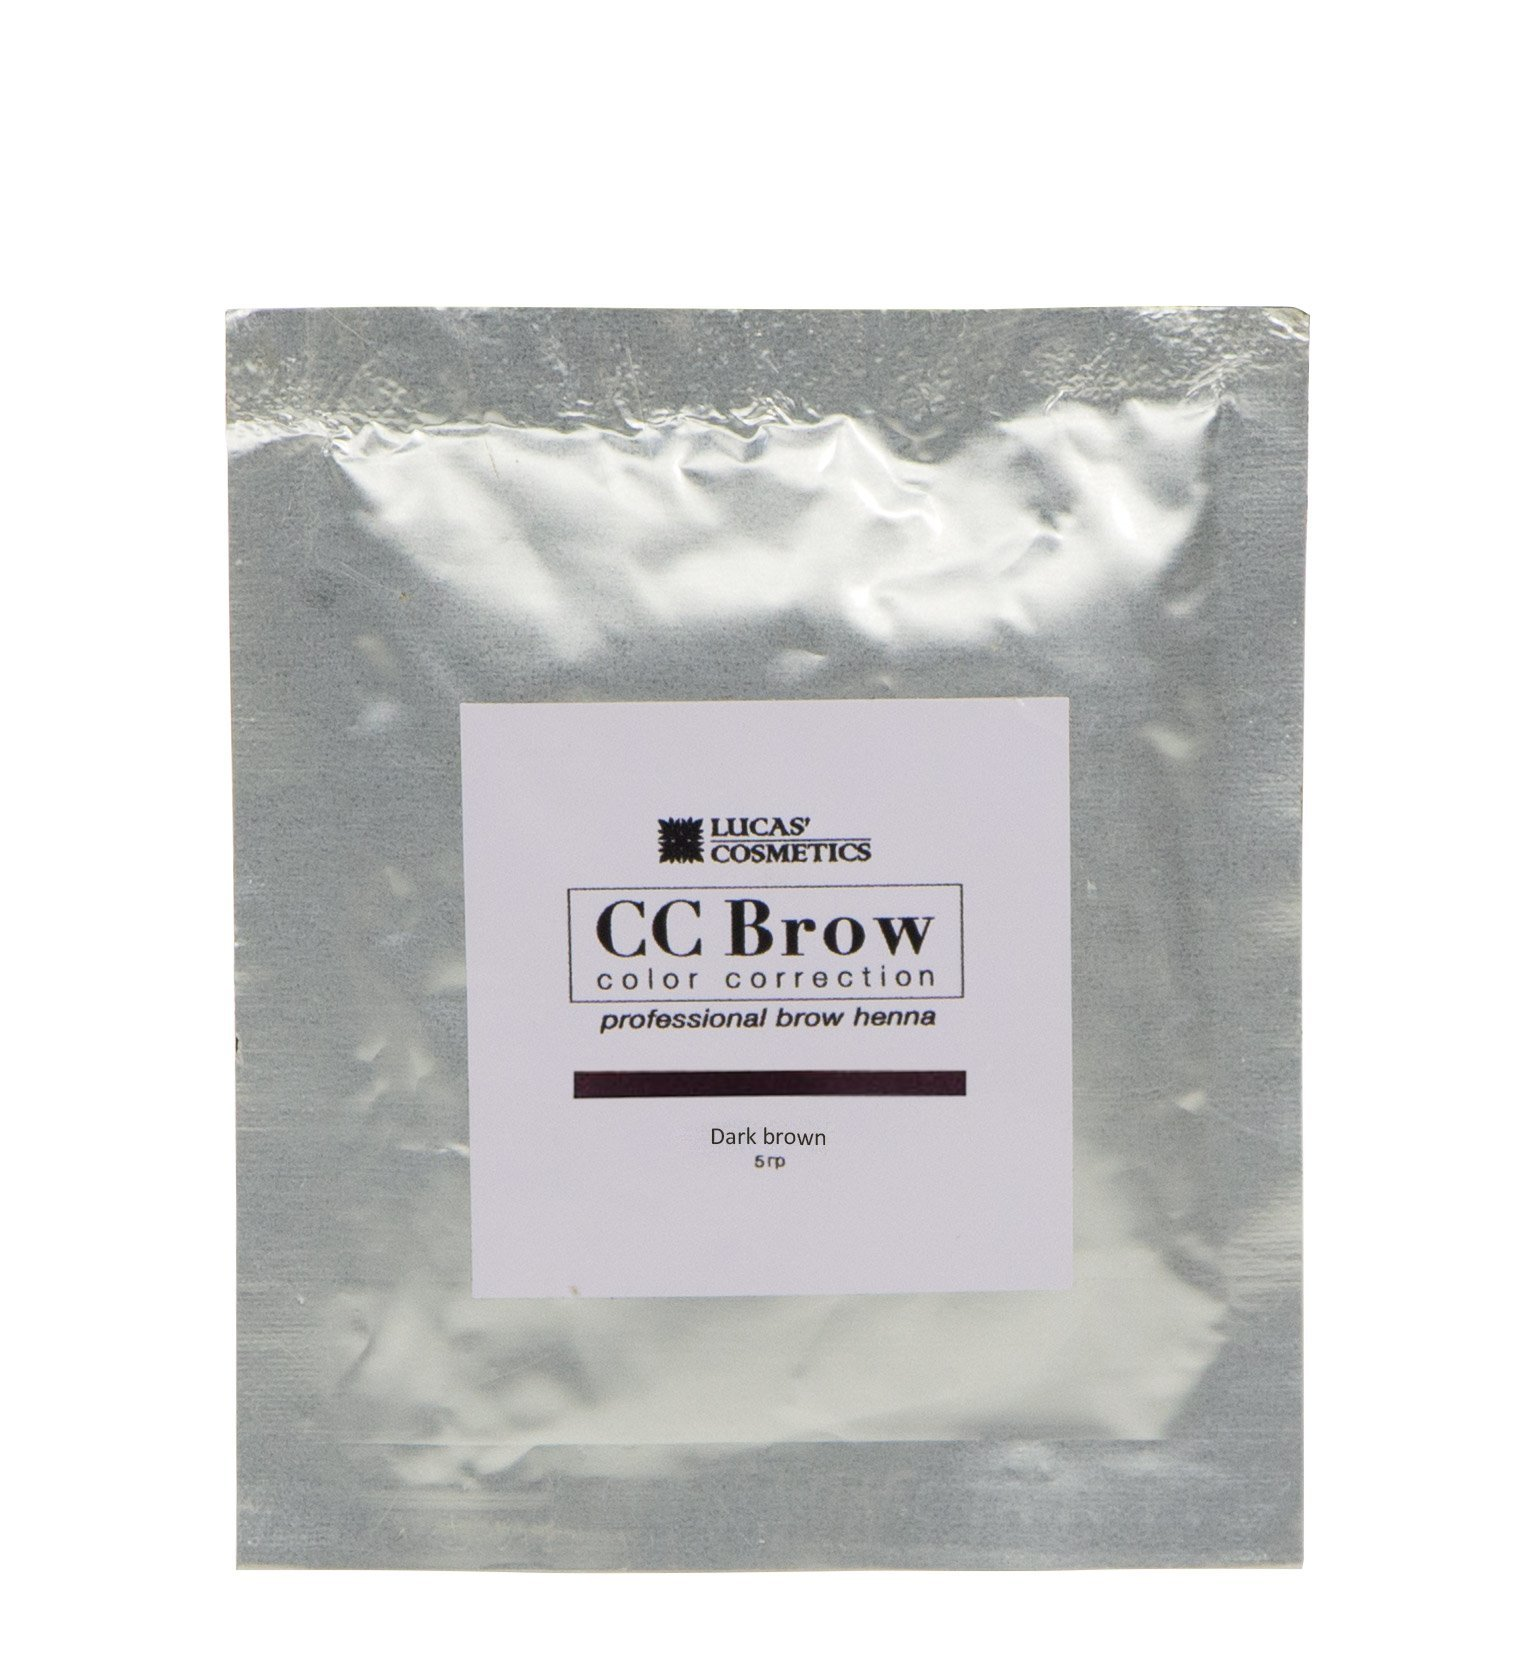 Хна для бровей CC Brow 5гр в саше Dark Brown Темно-коричневый